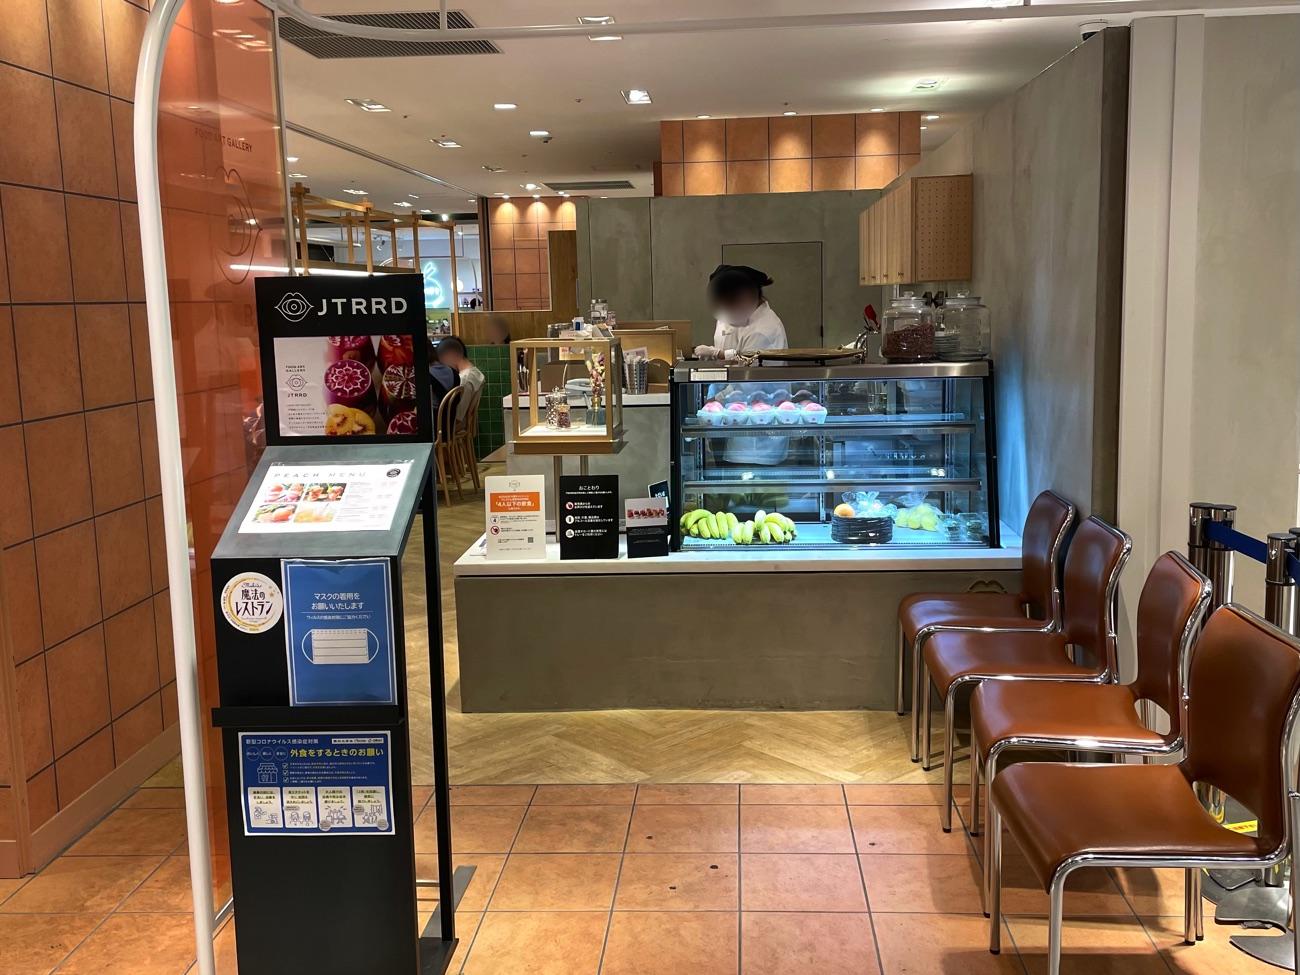 「ジェイティード 大丸梅田店」の入口